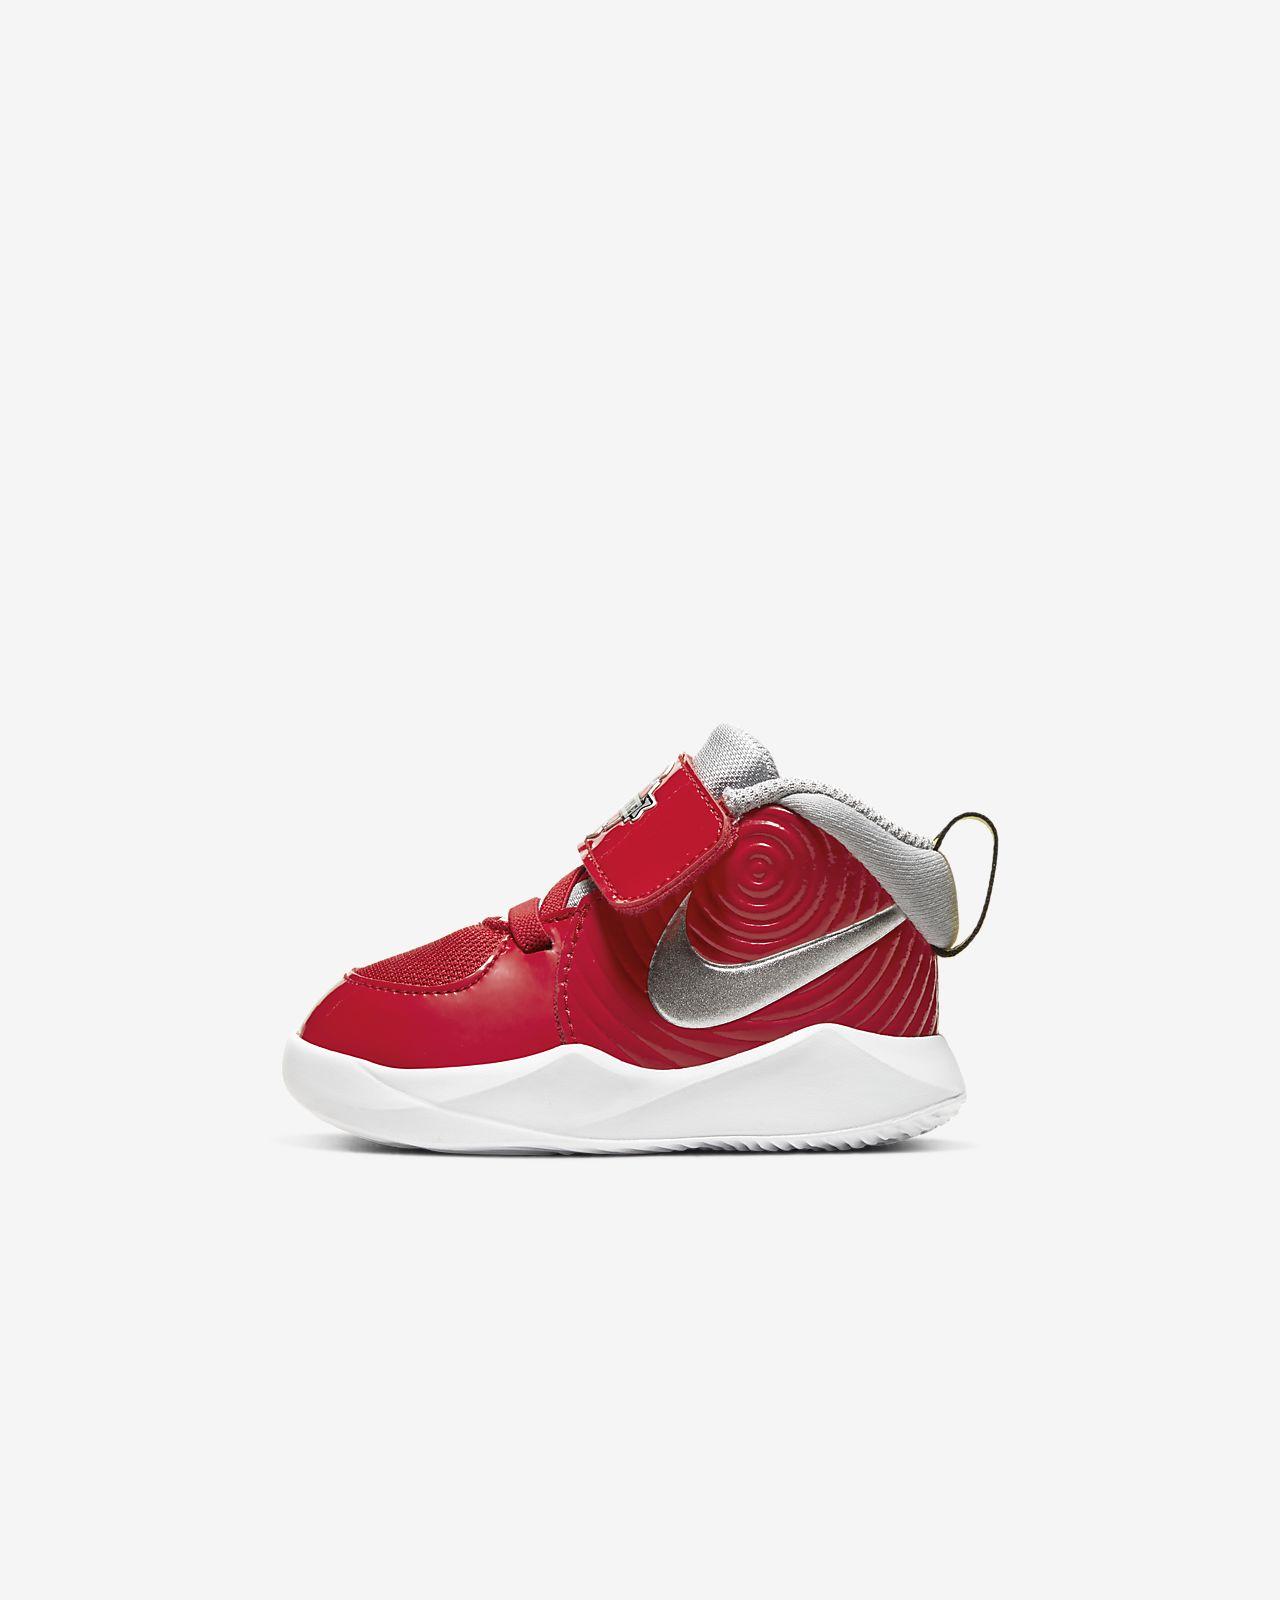 Παπούτσι Nike Team Hustle D 9 Auto για βρέφη και νήπια